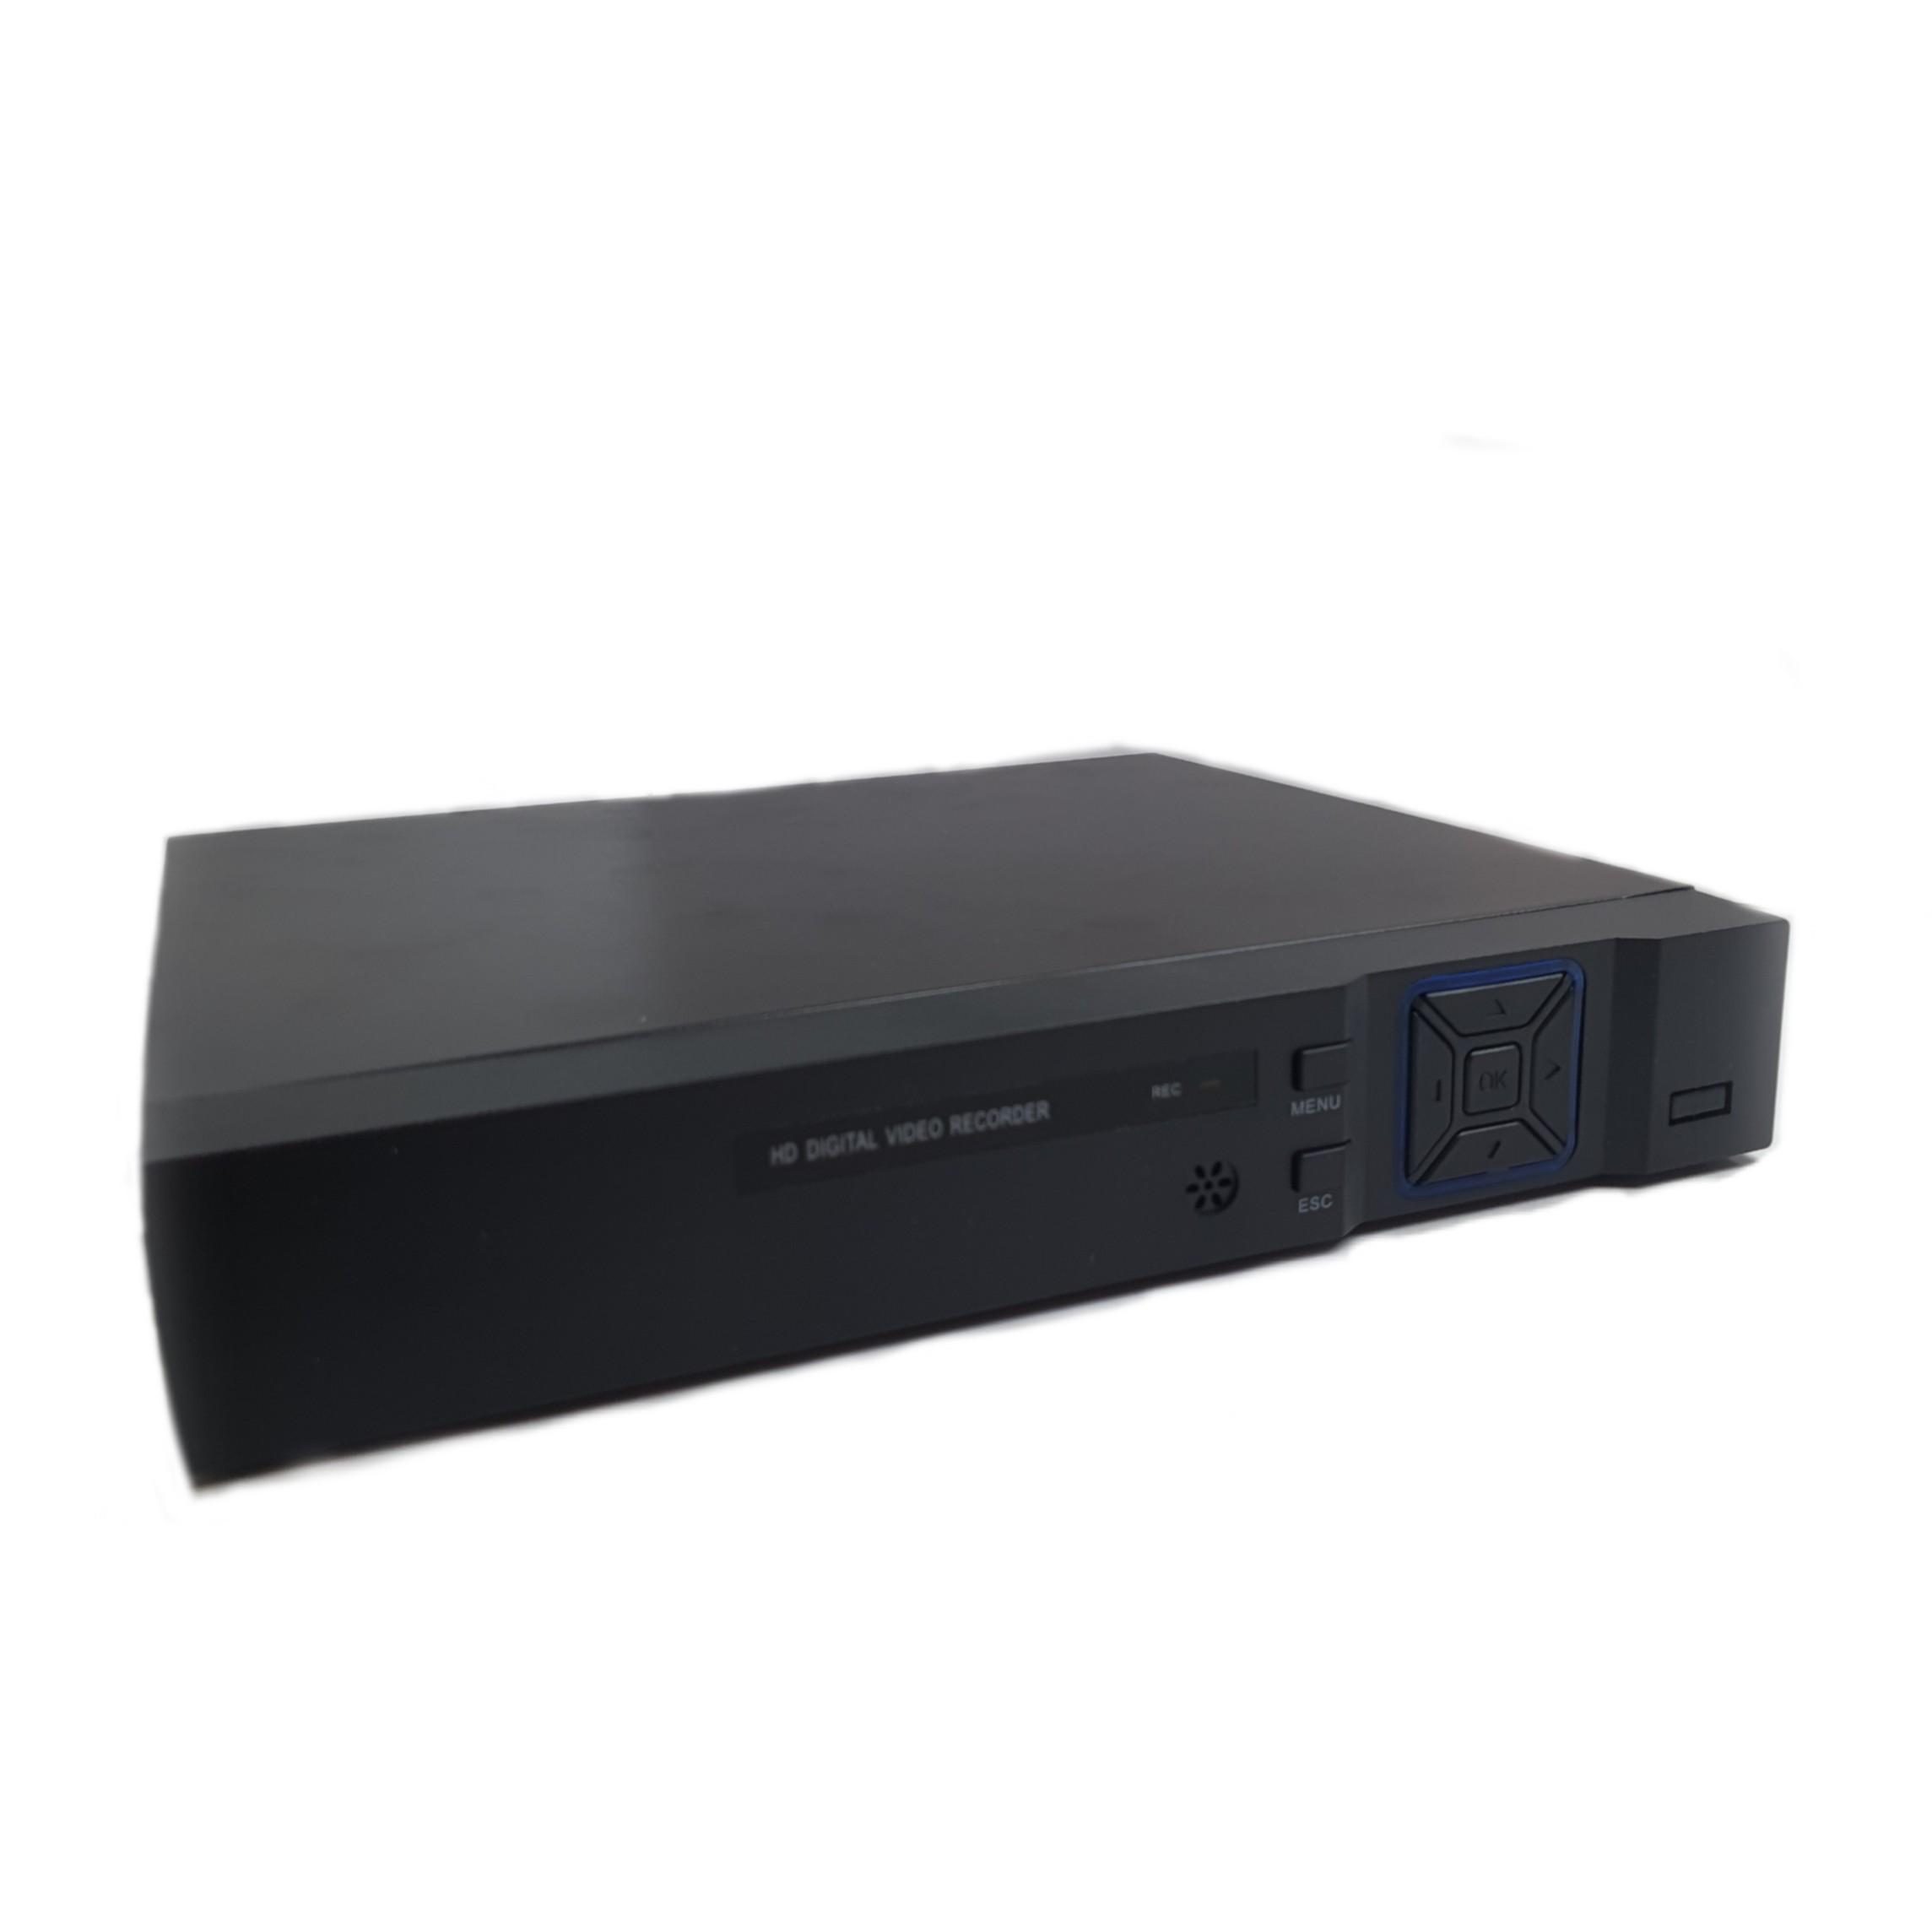 بررسی و خرید [با تخفیف]                                     ضبط کننده ویدیویی مدل D800r                             اورجینال